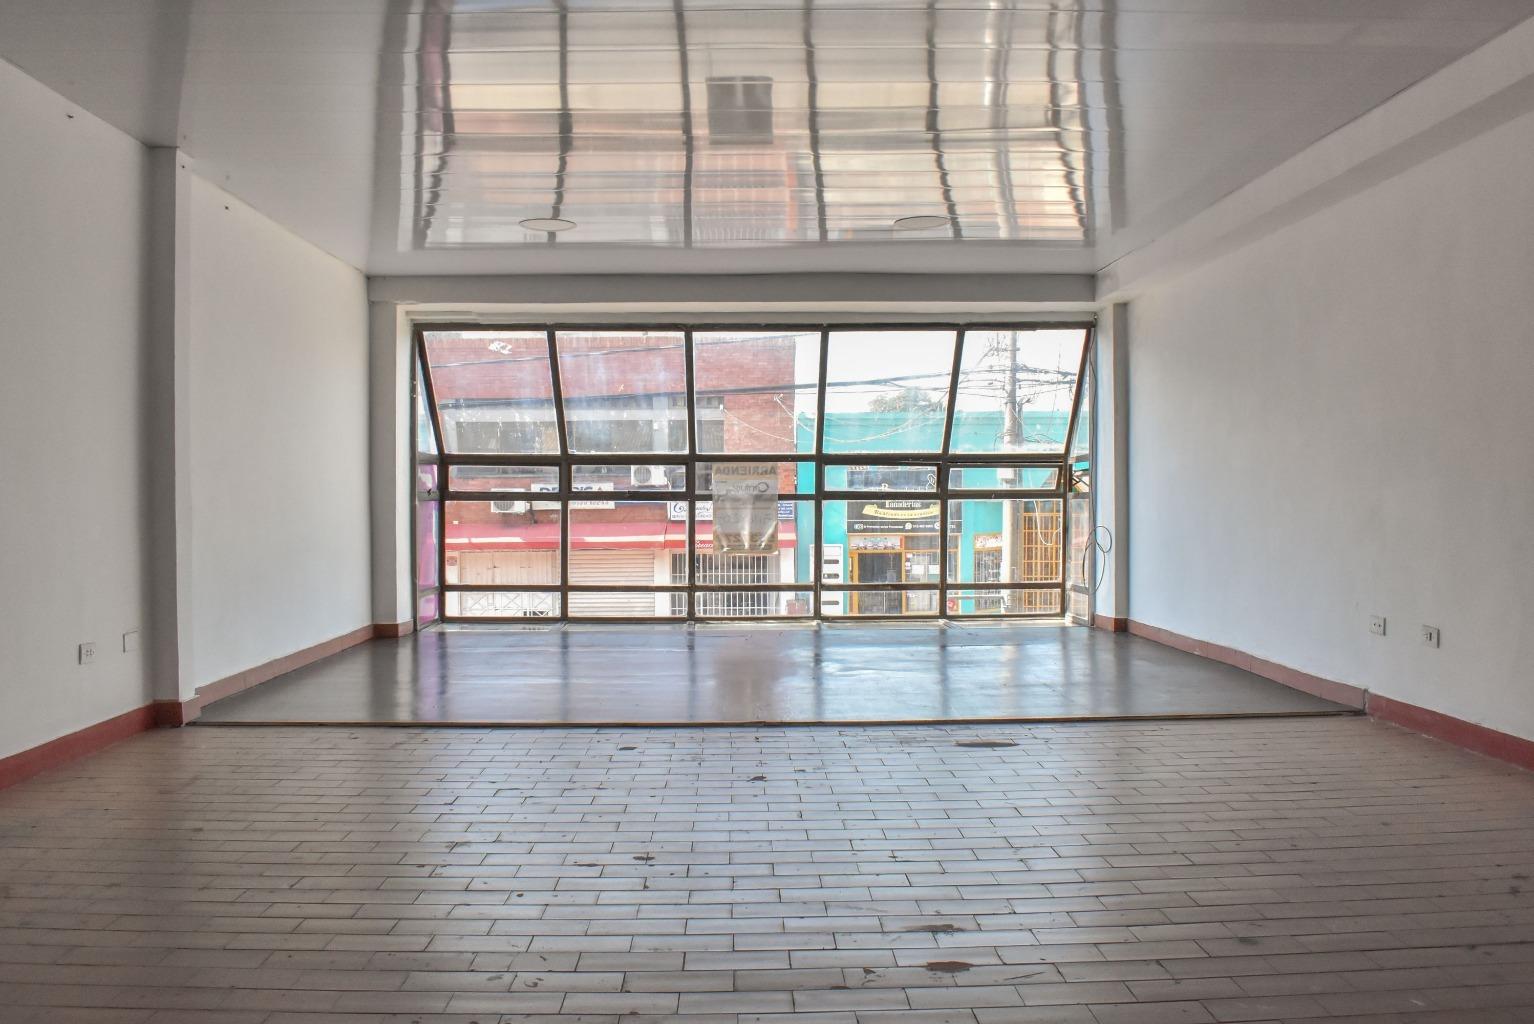 101459 - Local en alquiler en el Cedro (Alameda)